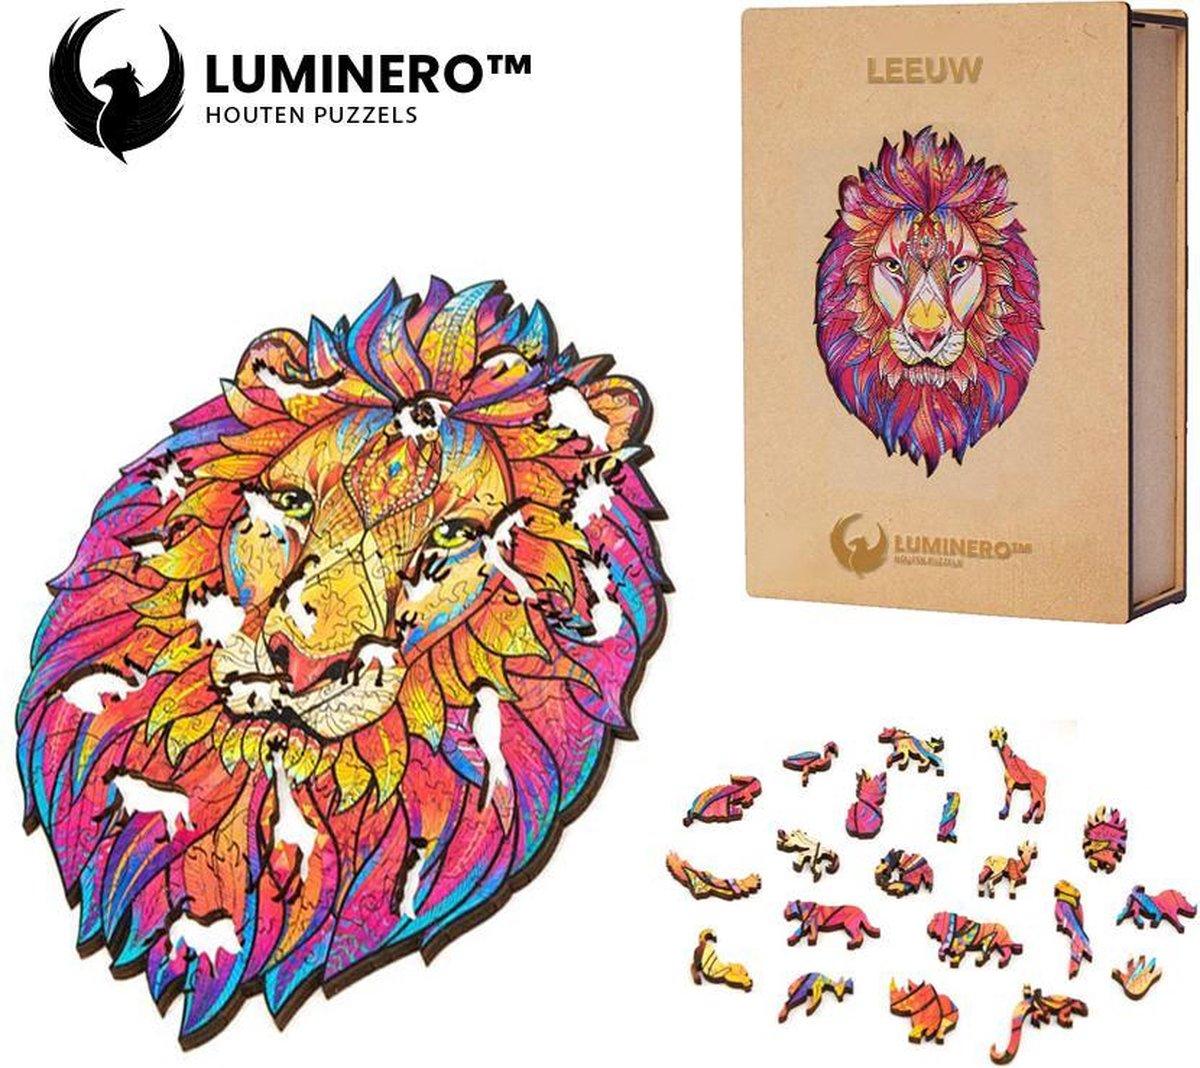 Luminero™ Houten Leeuw Jigsaw Puzzel - A3 Formaat Jigsaw - Unieke 3D Puzzels - Huisdecoratie - Wooden Puzzle - Volwassenen & Kinderen - Incl. Houten Doos